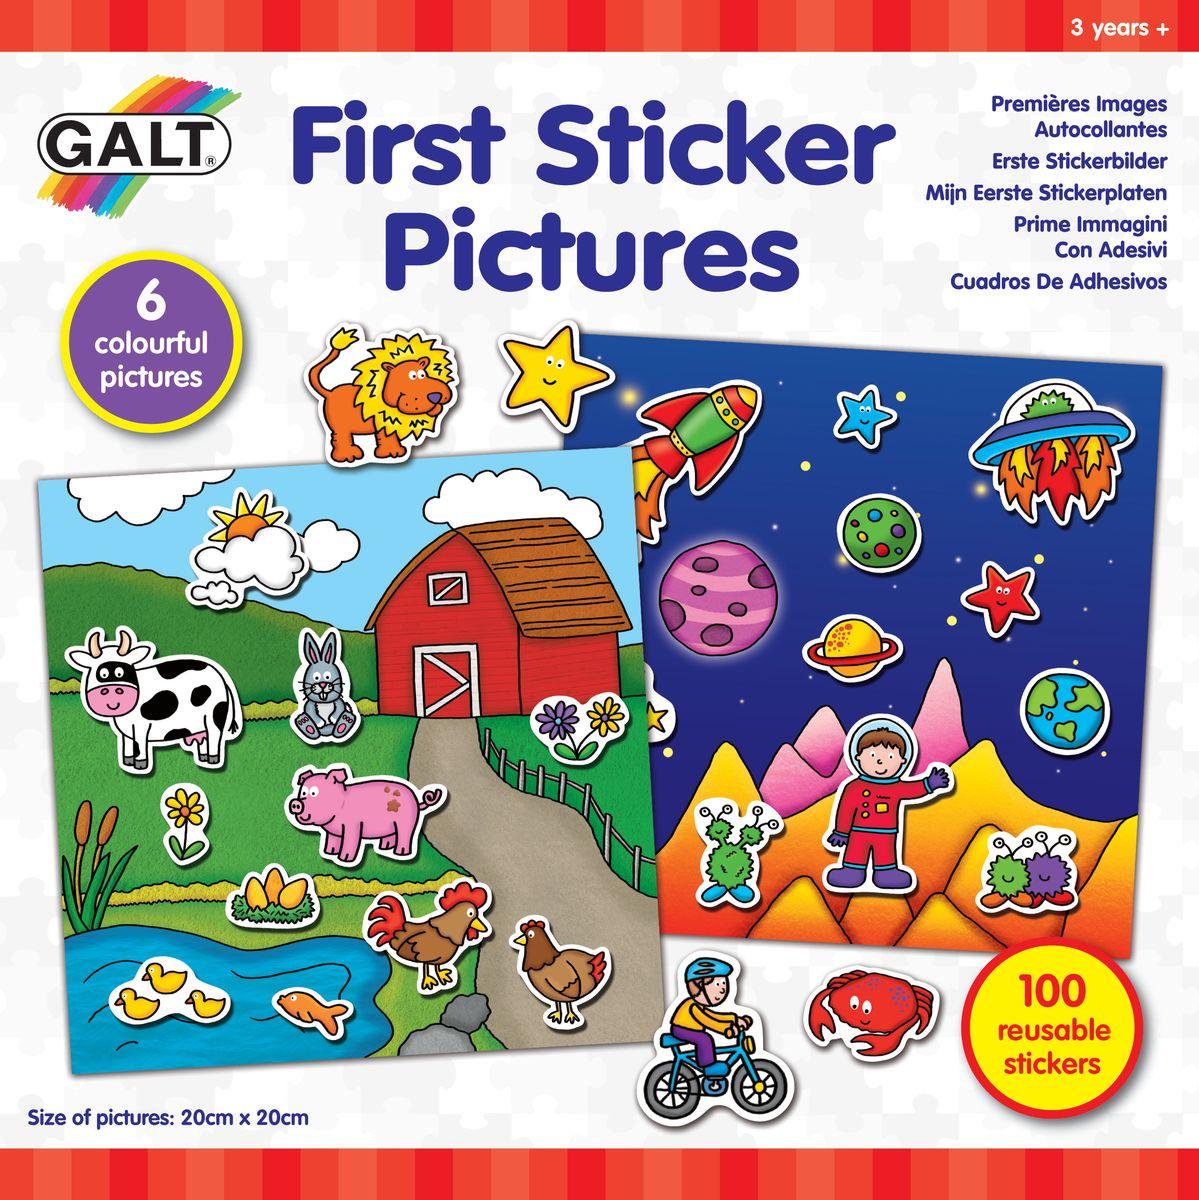 Galt Многоразовые стикеры Первые стикеры